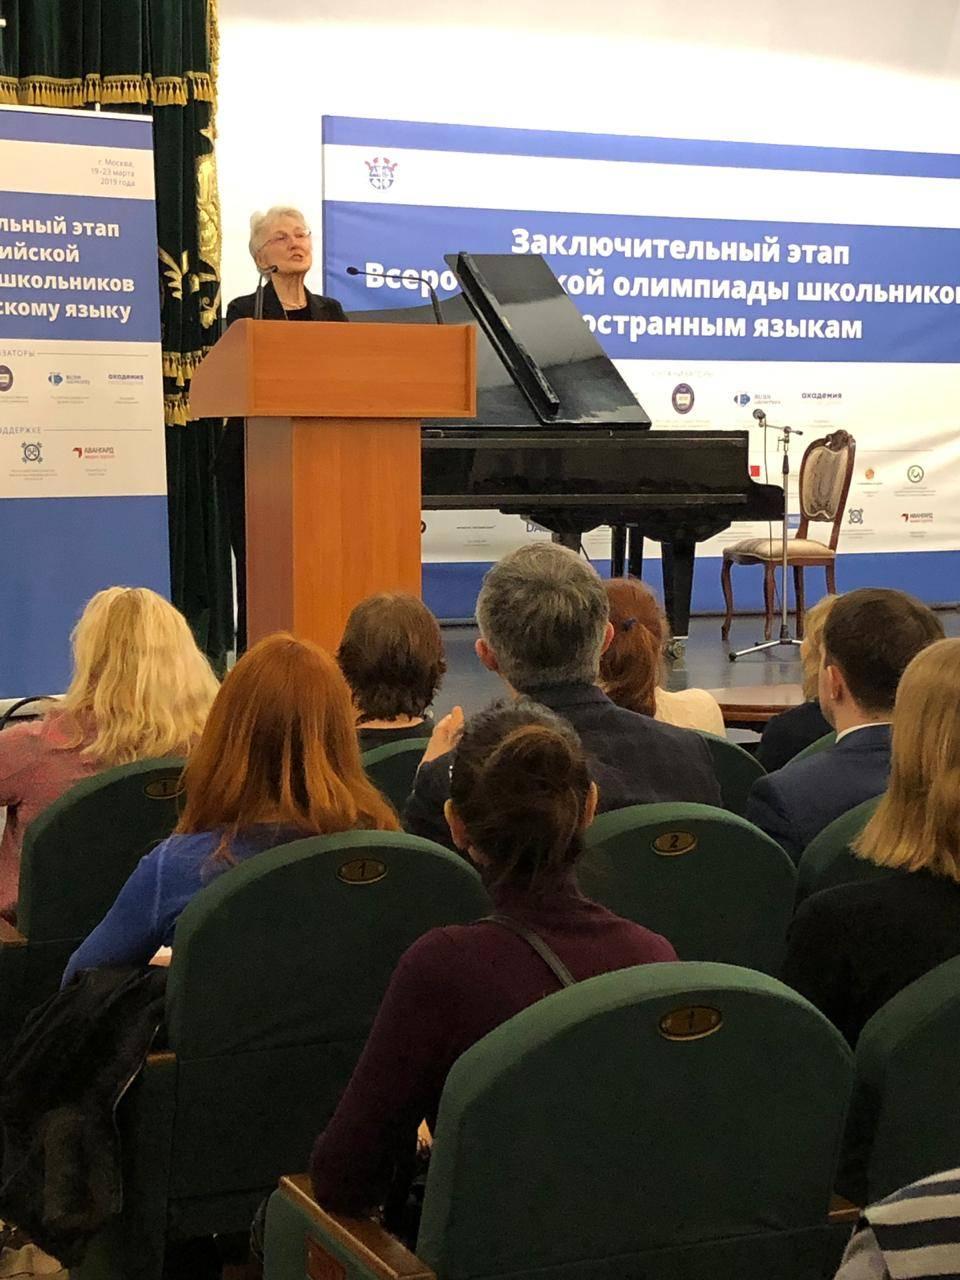 В Москве стартовал заключительный этап Всероссийской школьной олимпиады по французскому языку